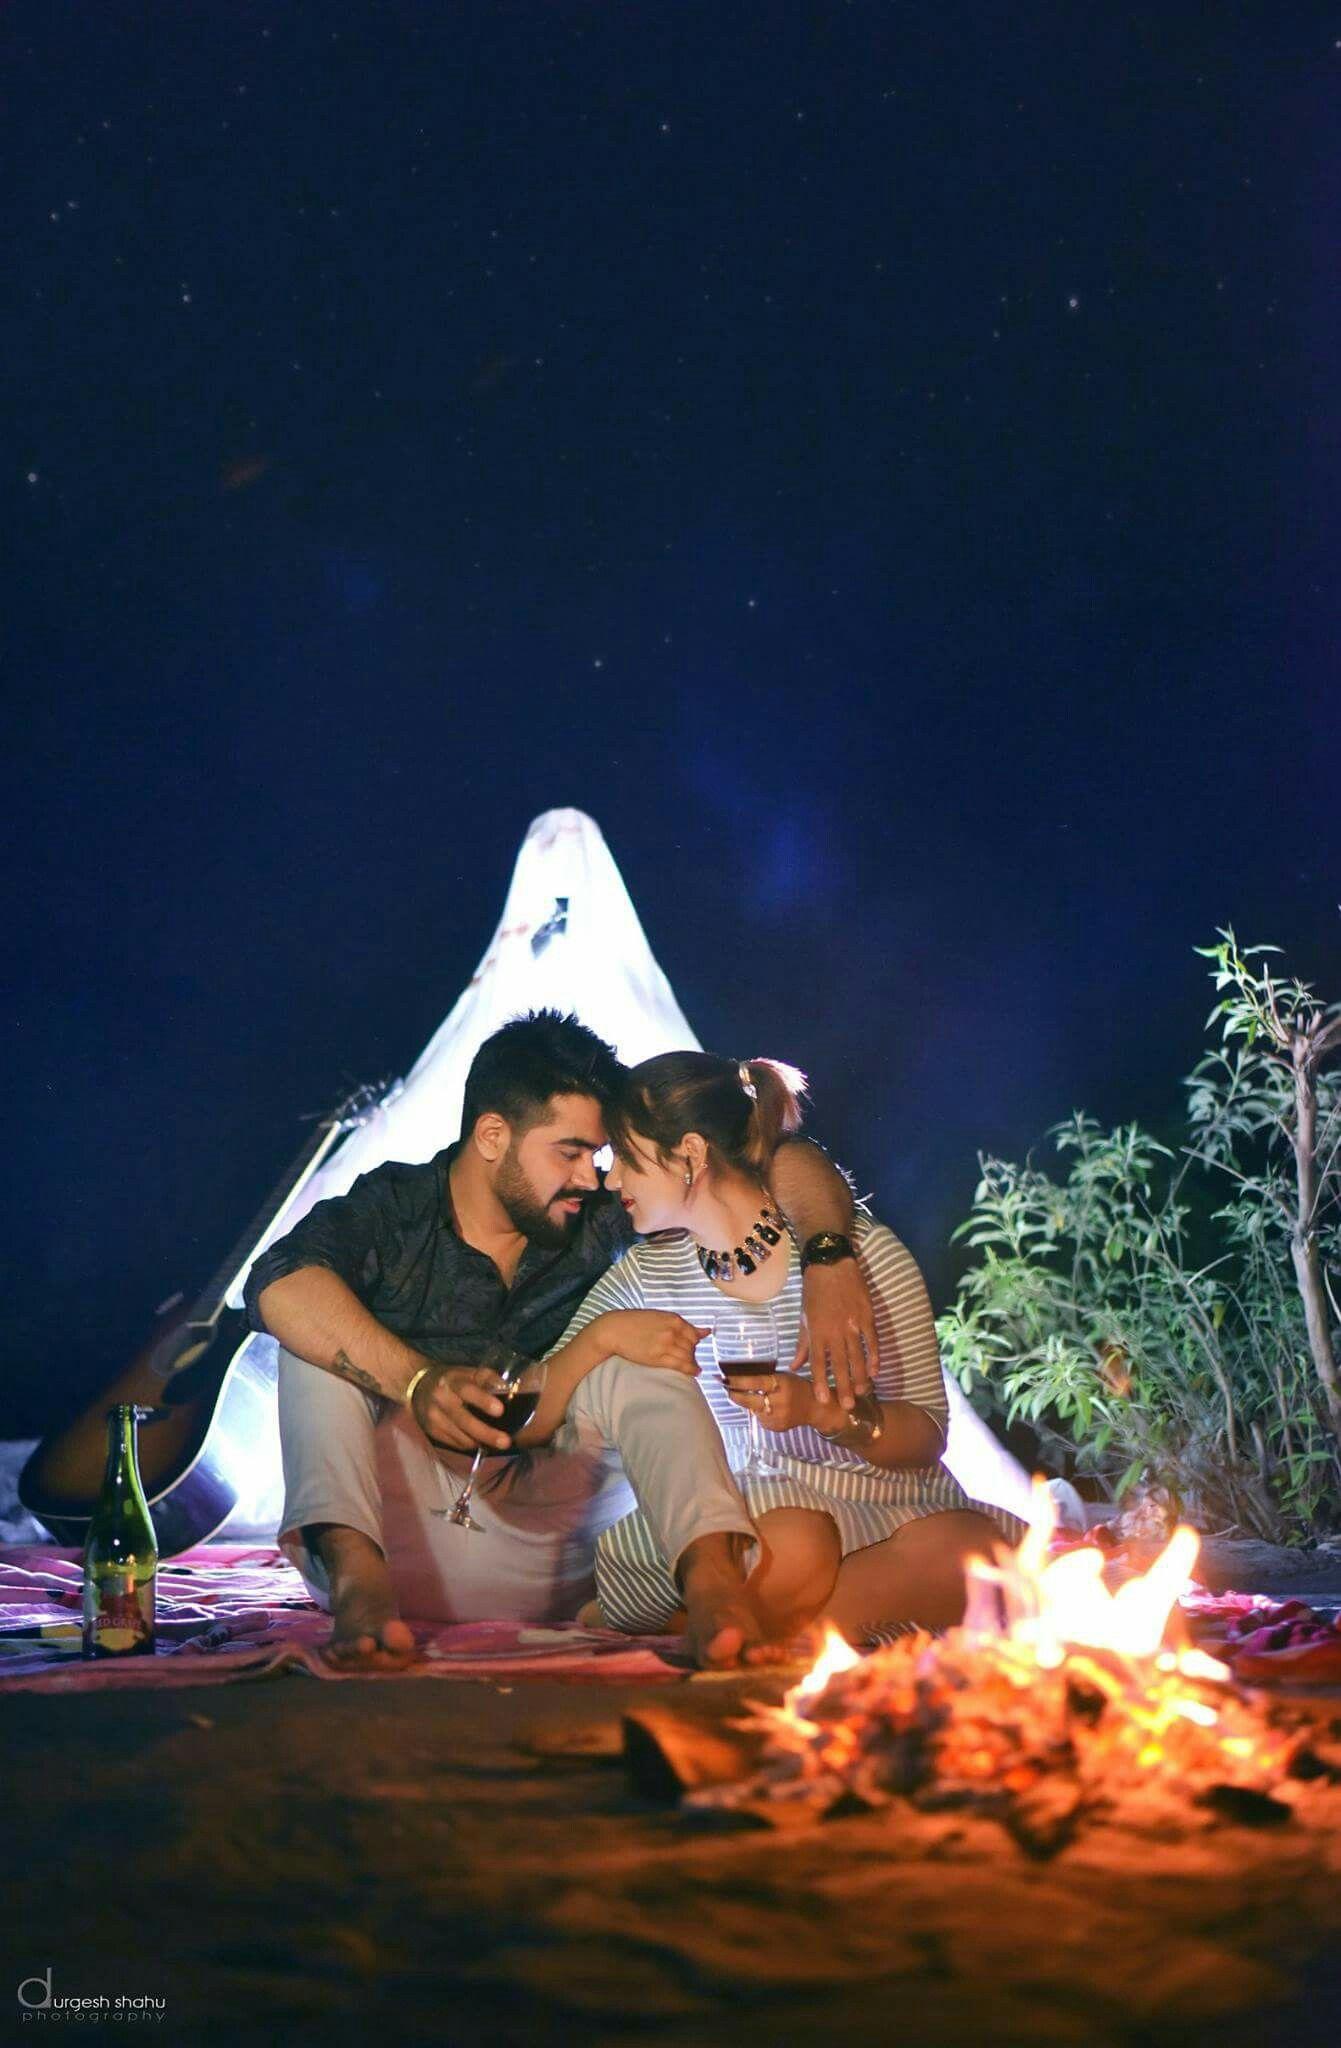 Vorteile der späteren Datierung